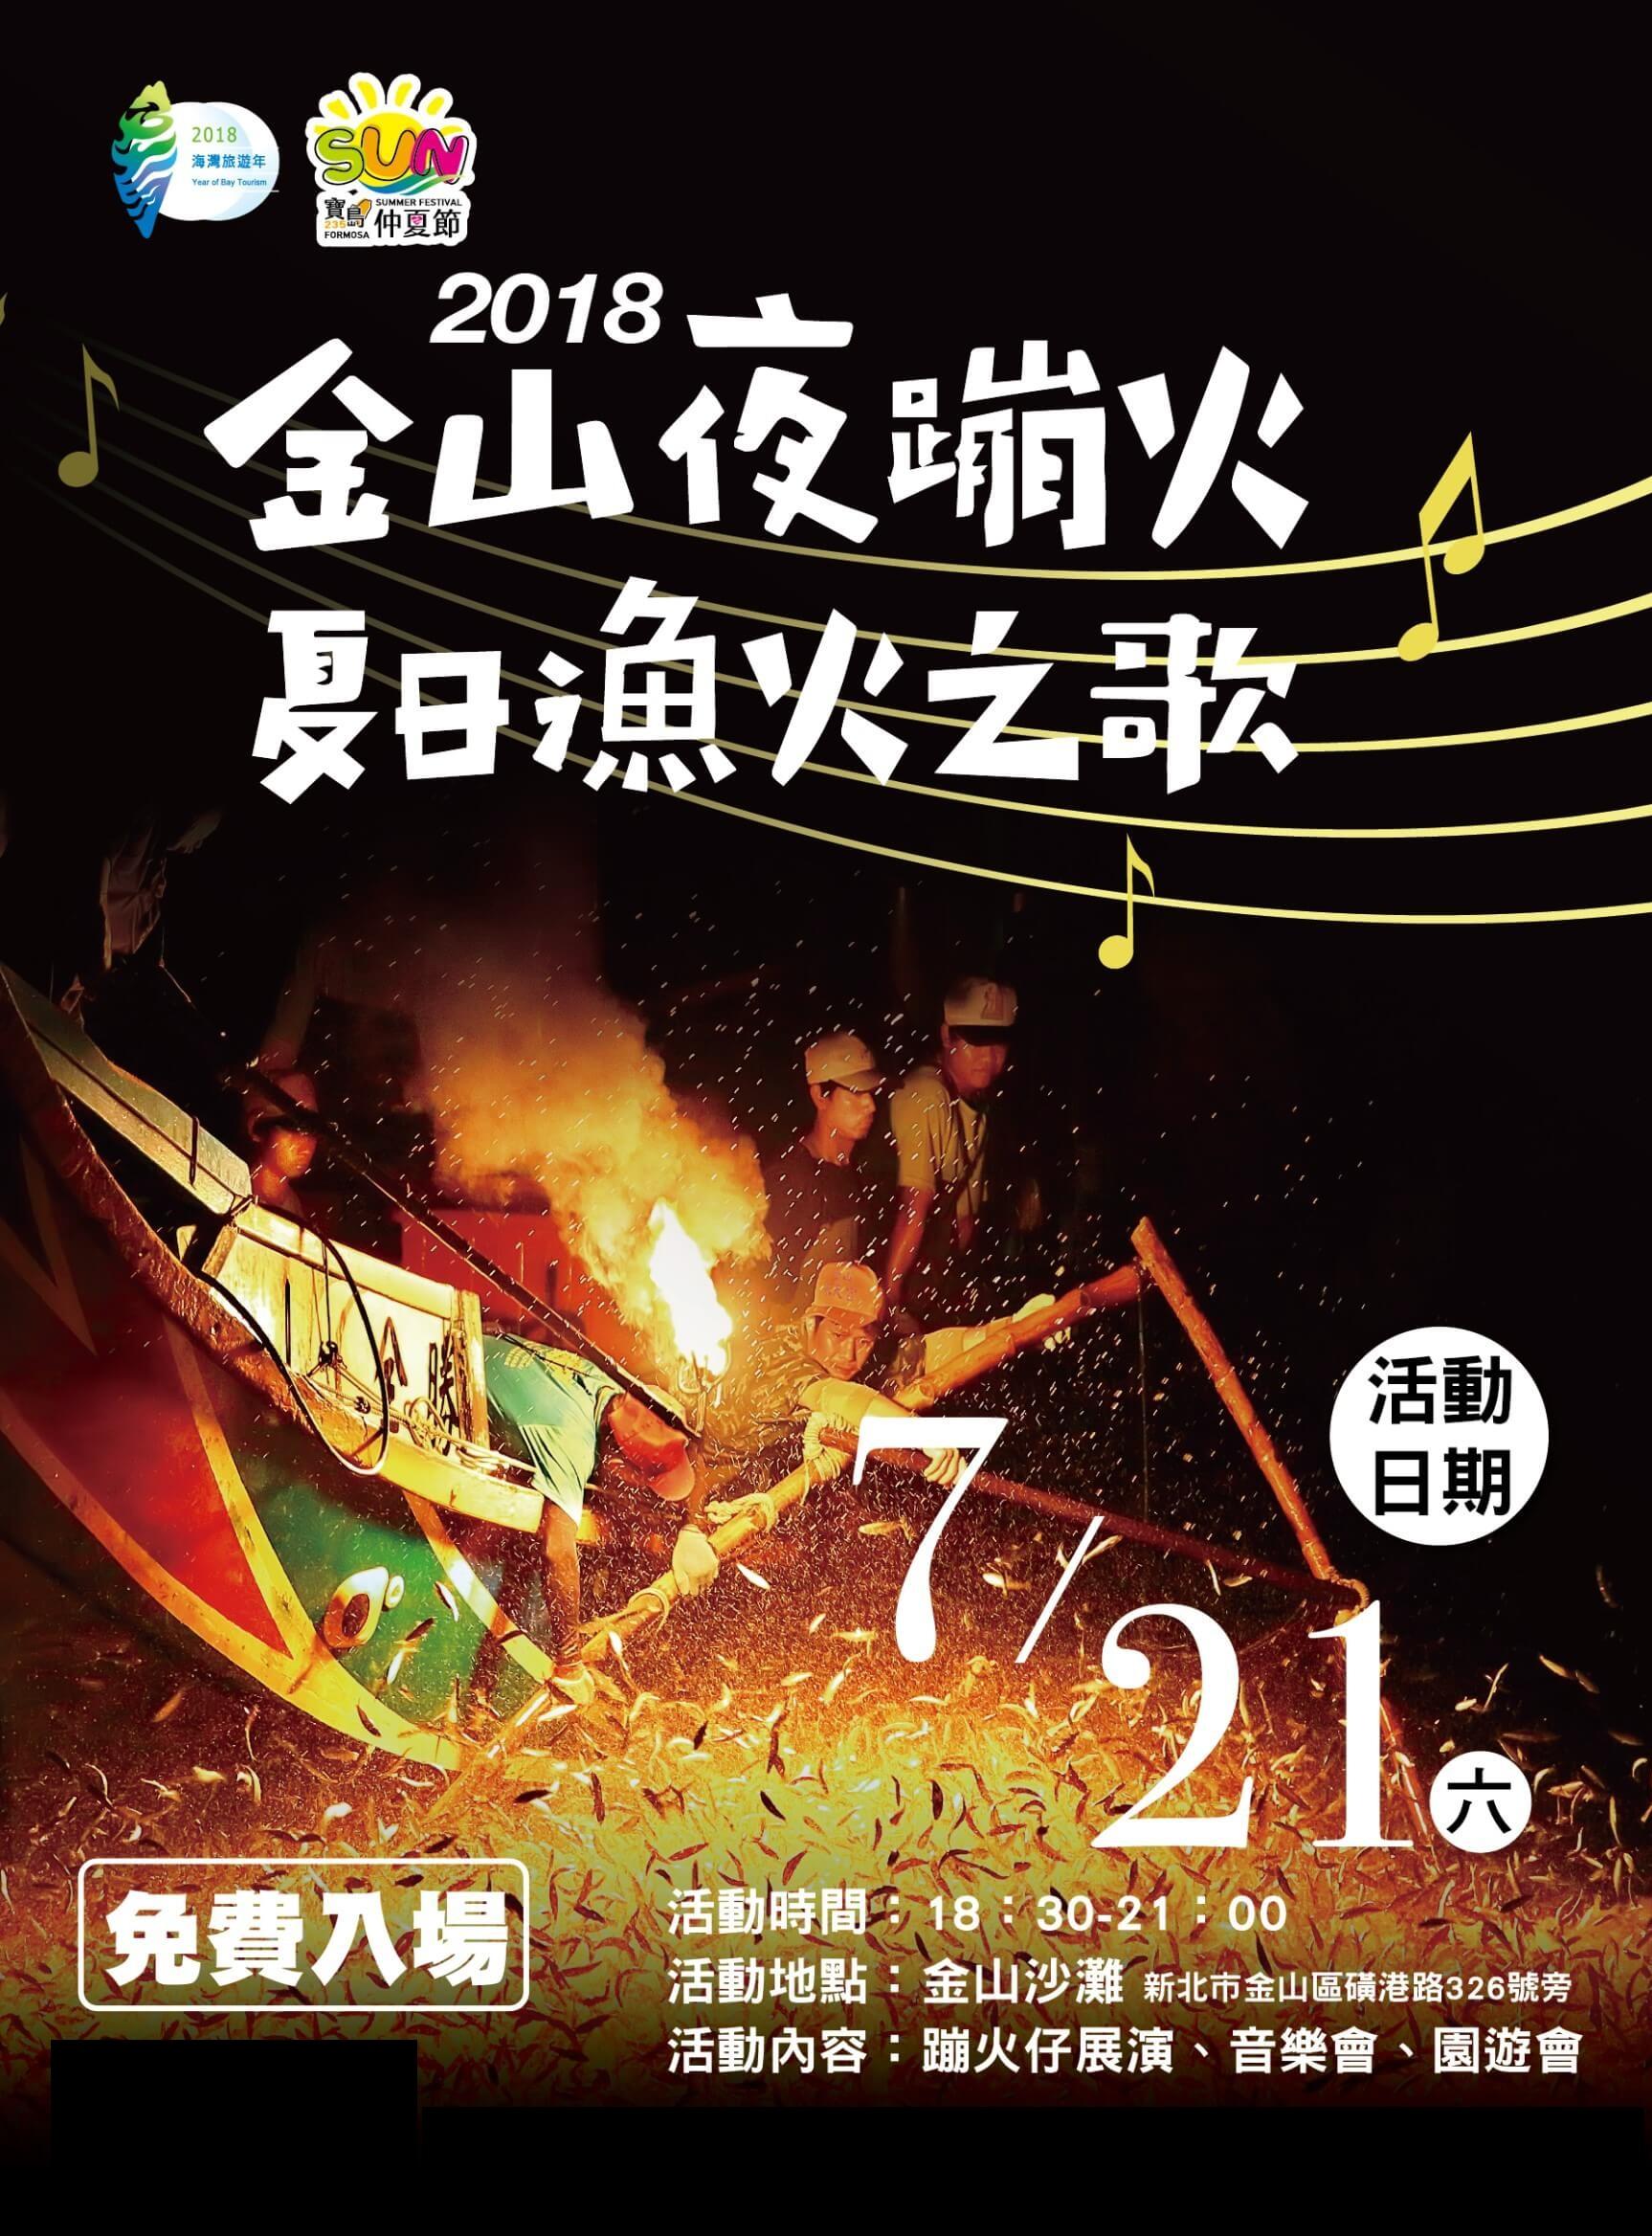 2018台湾北海岸夏日海洋庆典系列活动